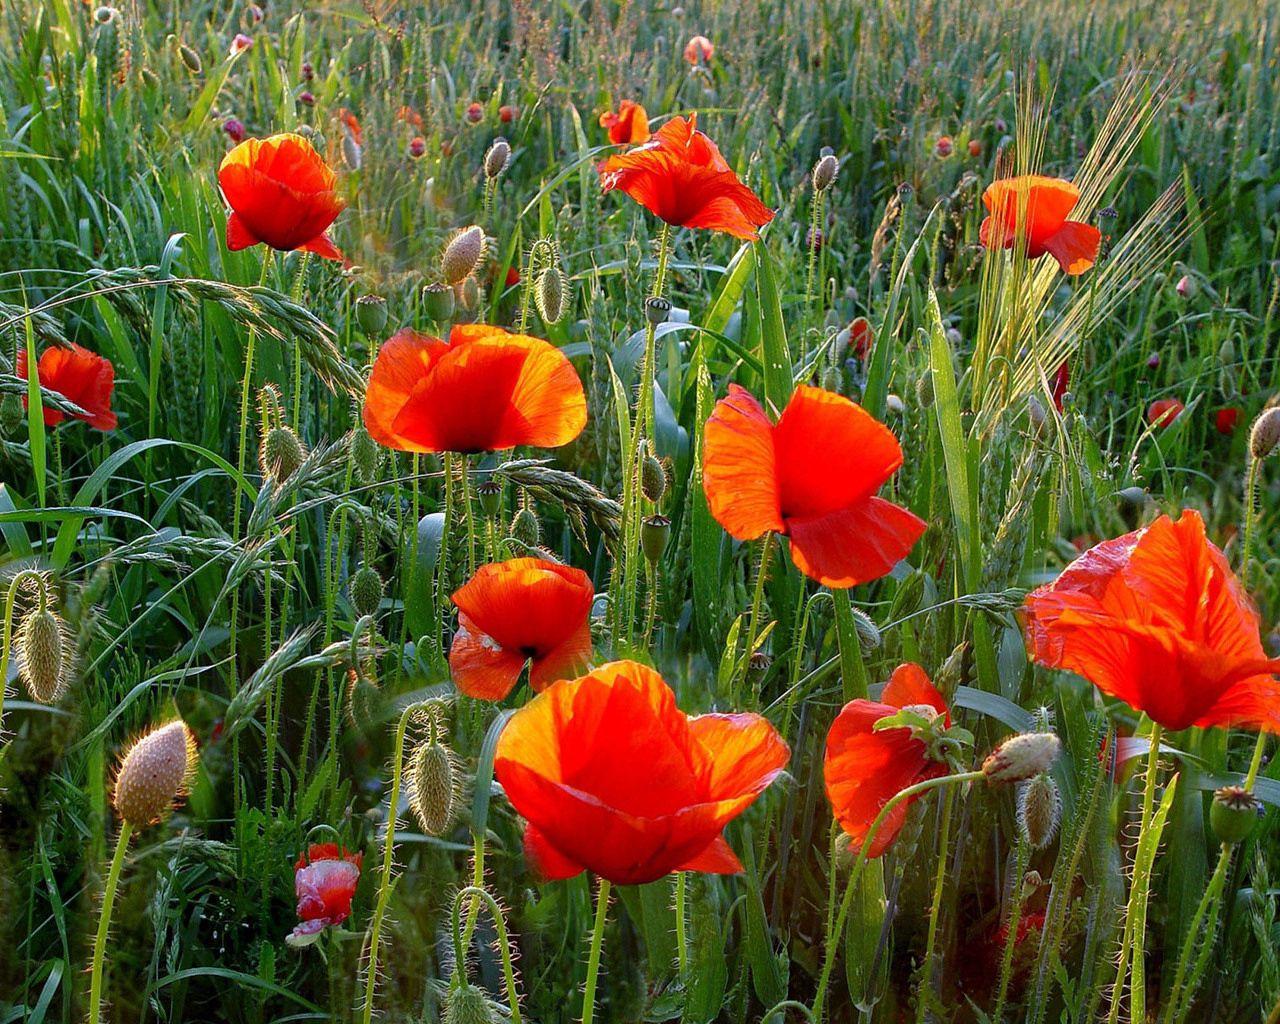 155270 скачать обои Маки, Цветы, Трава, Лето, Зелень, Поле - заставки и картинки бесплатно